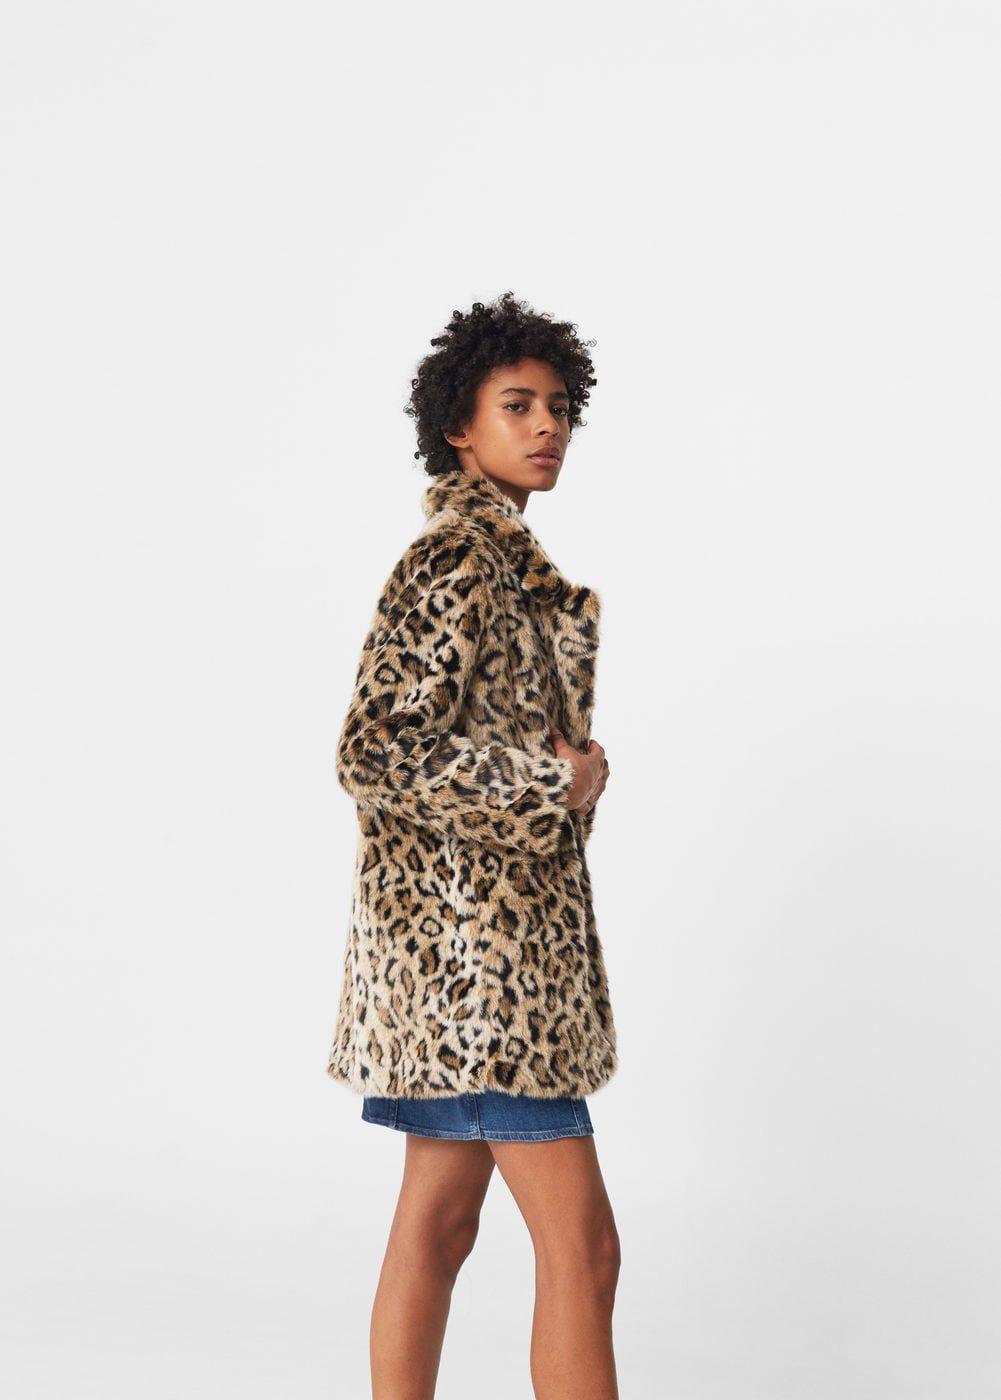 Mis Mujer Outlet Pelo España Abrigo Cosas Leopardo Pinterest q1Xwv